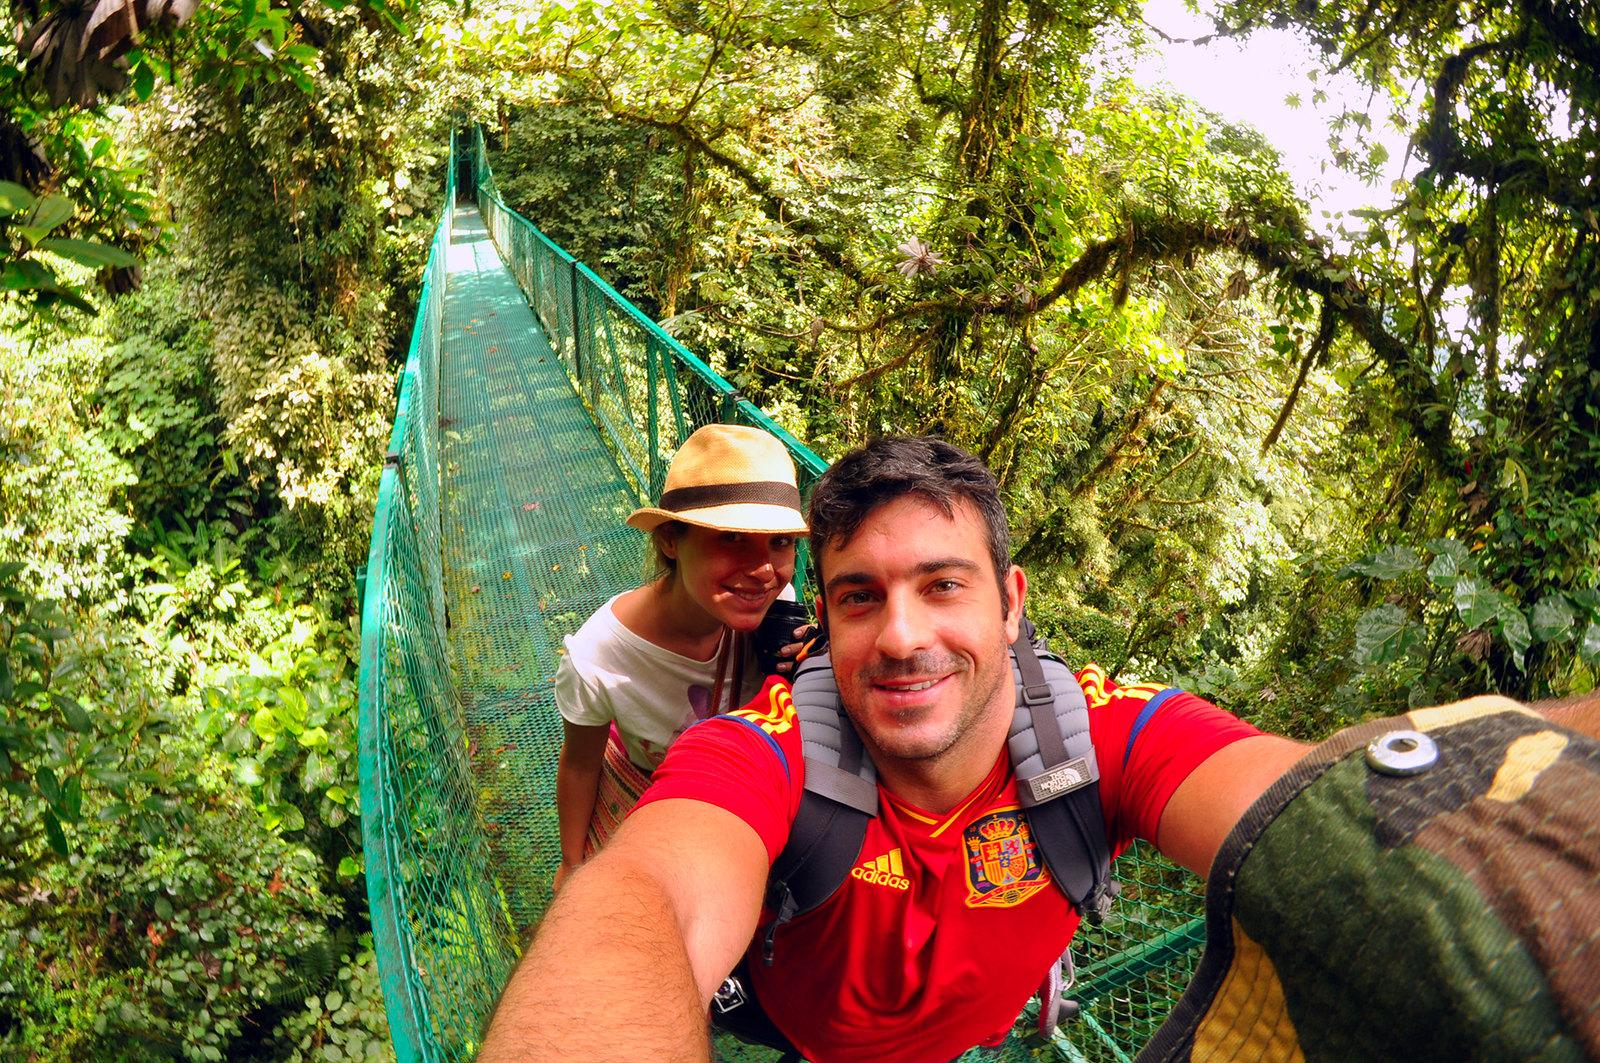 Viajar a Costa Rica / Ruta por Costa Rica en 3 semanas ruta por costa rica - 24377760118 f3ec0d8917 h - Ruta por Costa Rica en 3 semanas